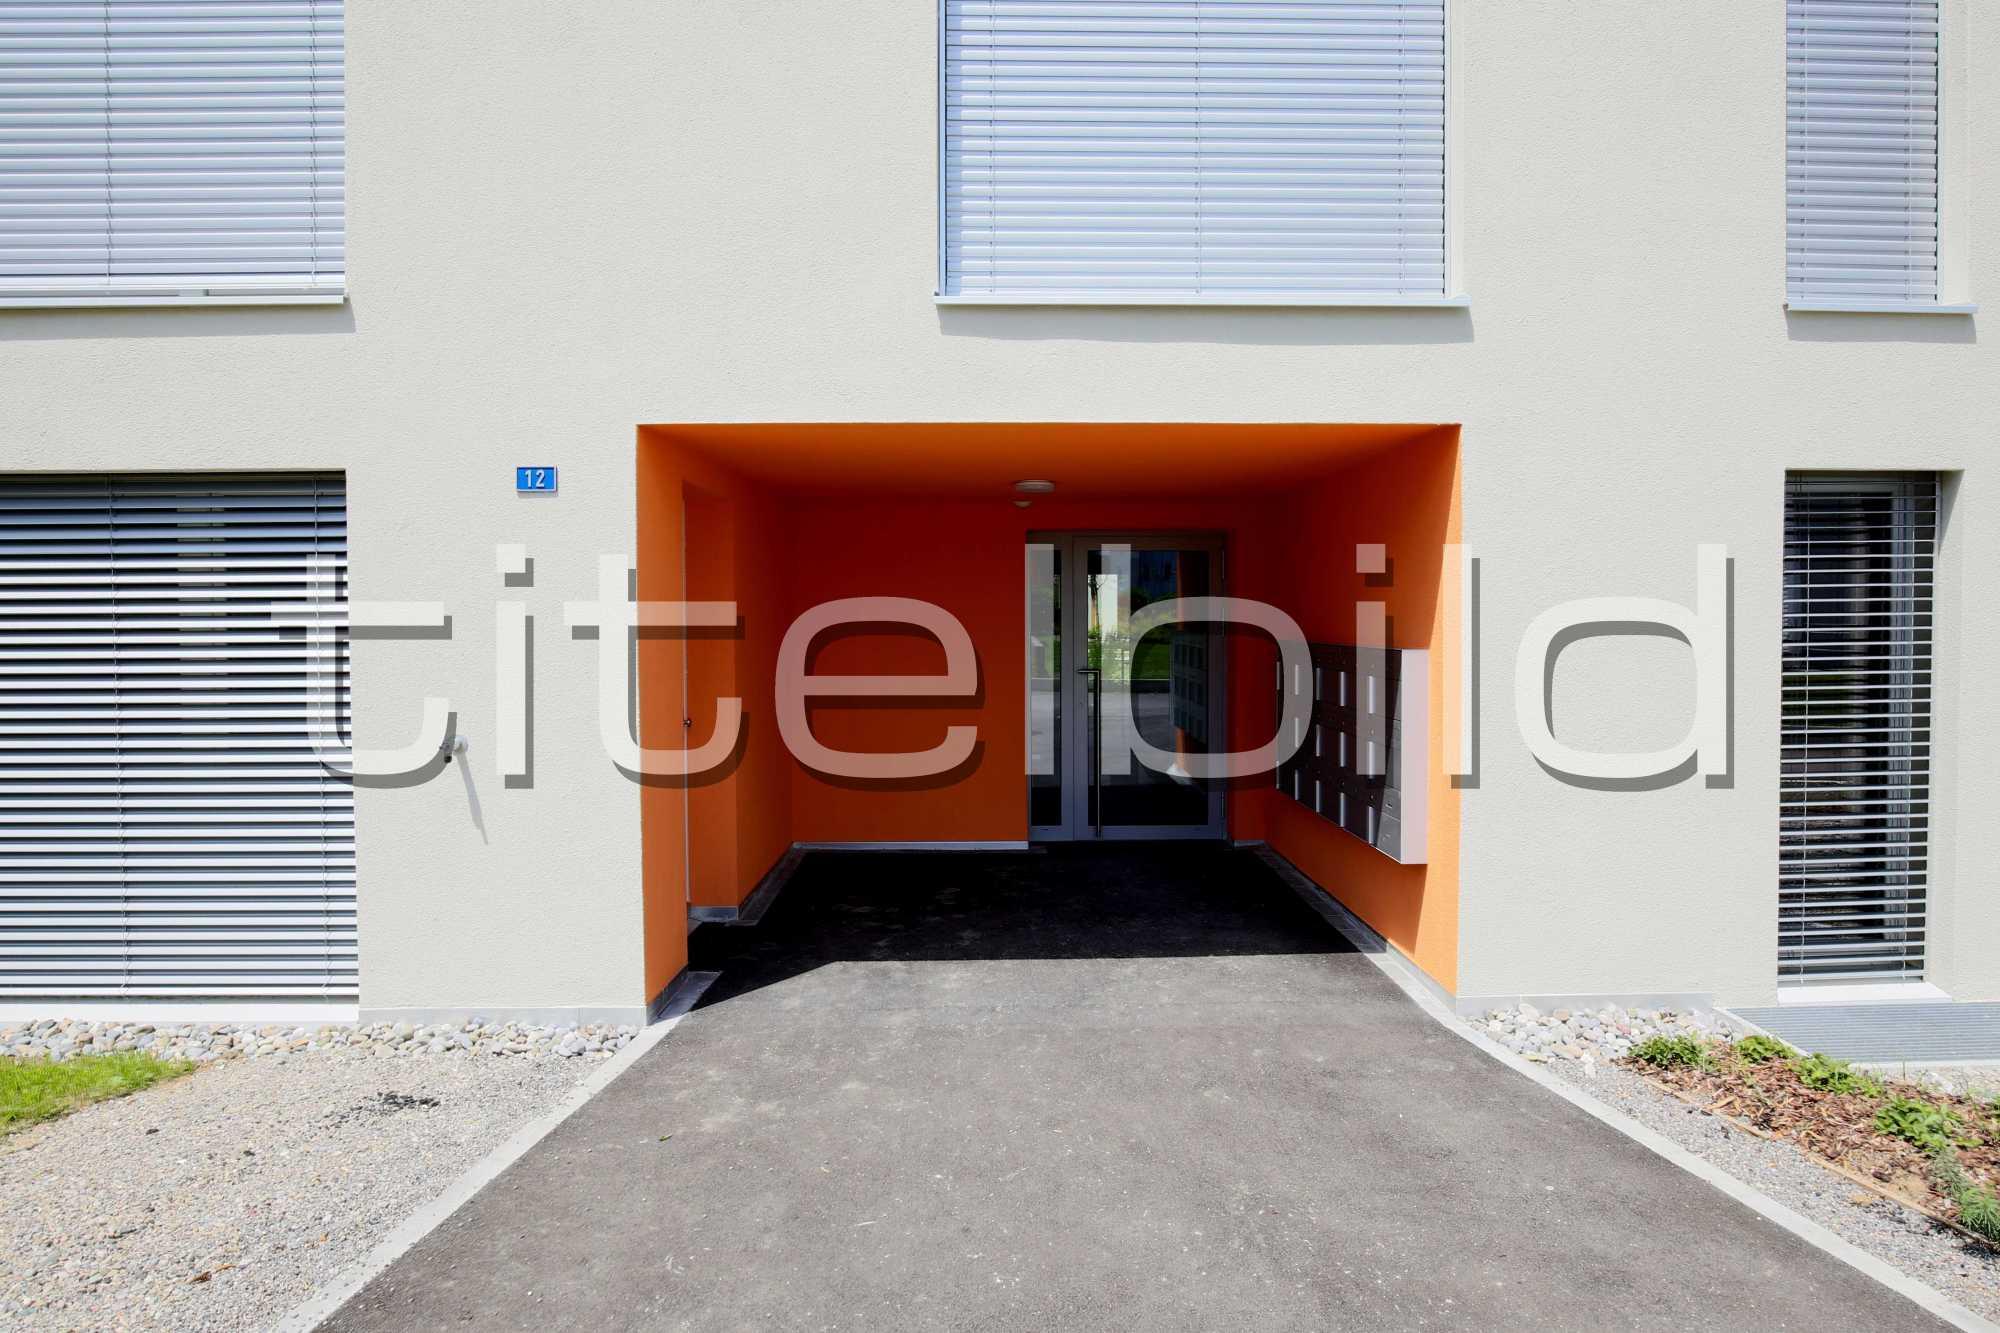 Projektbild-Nr. 7: Sternenfeld